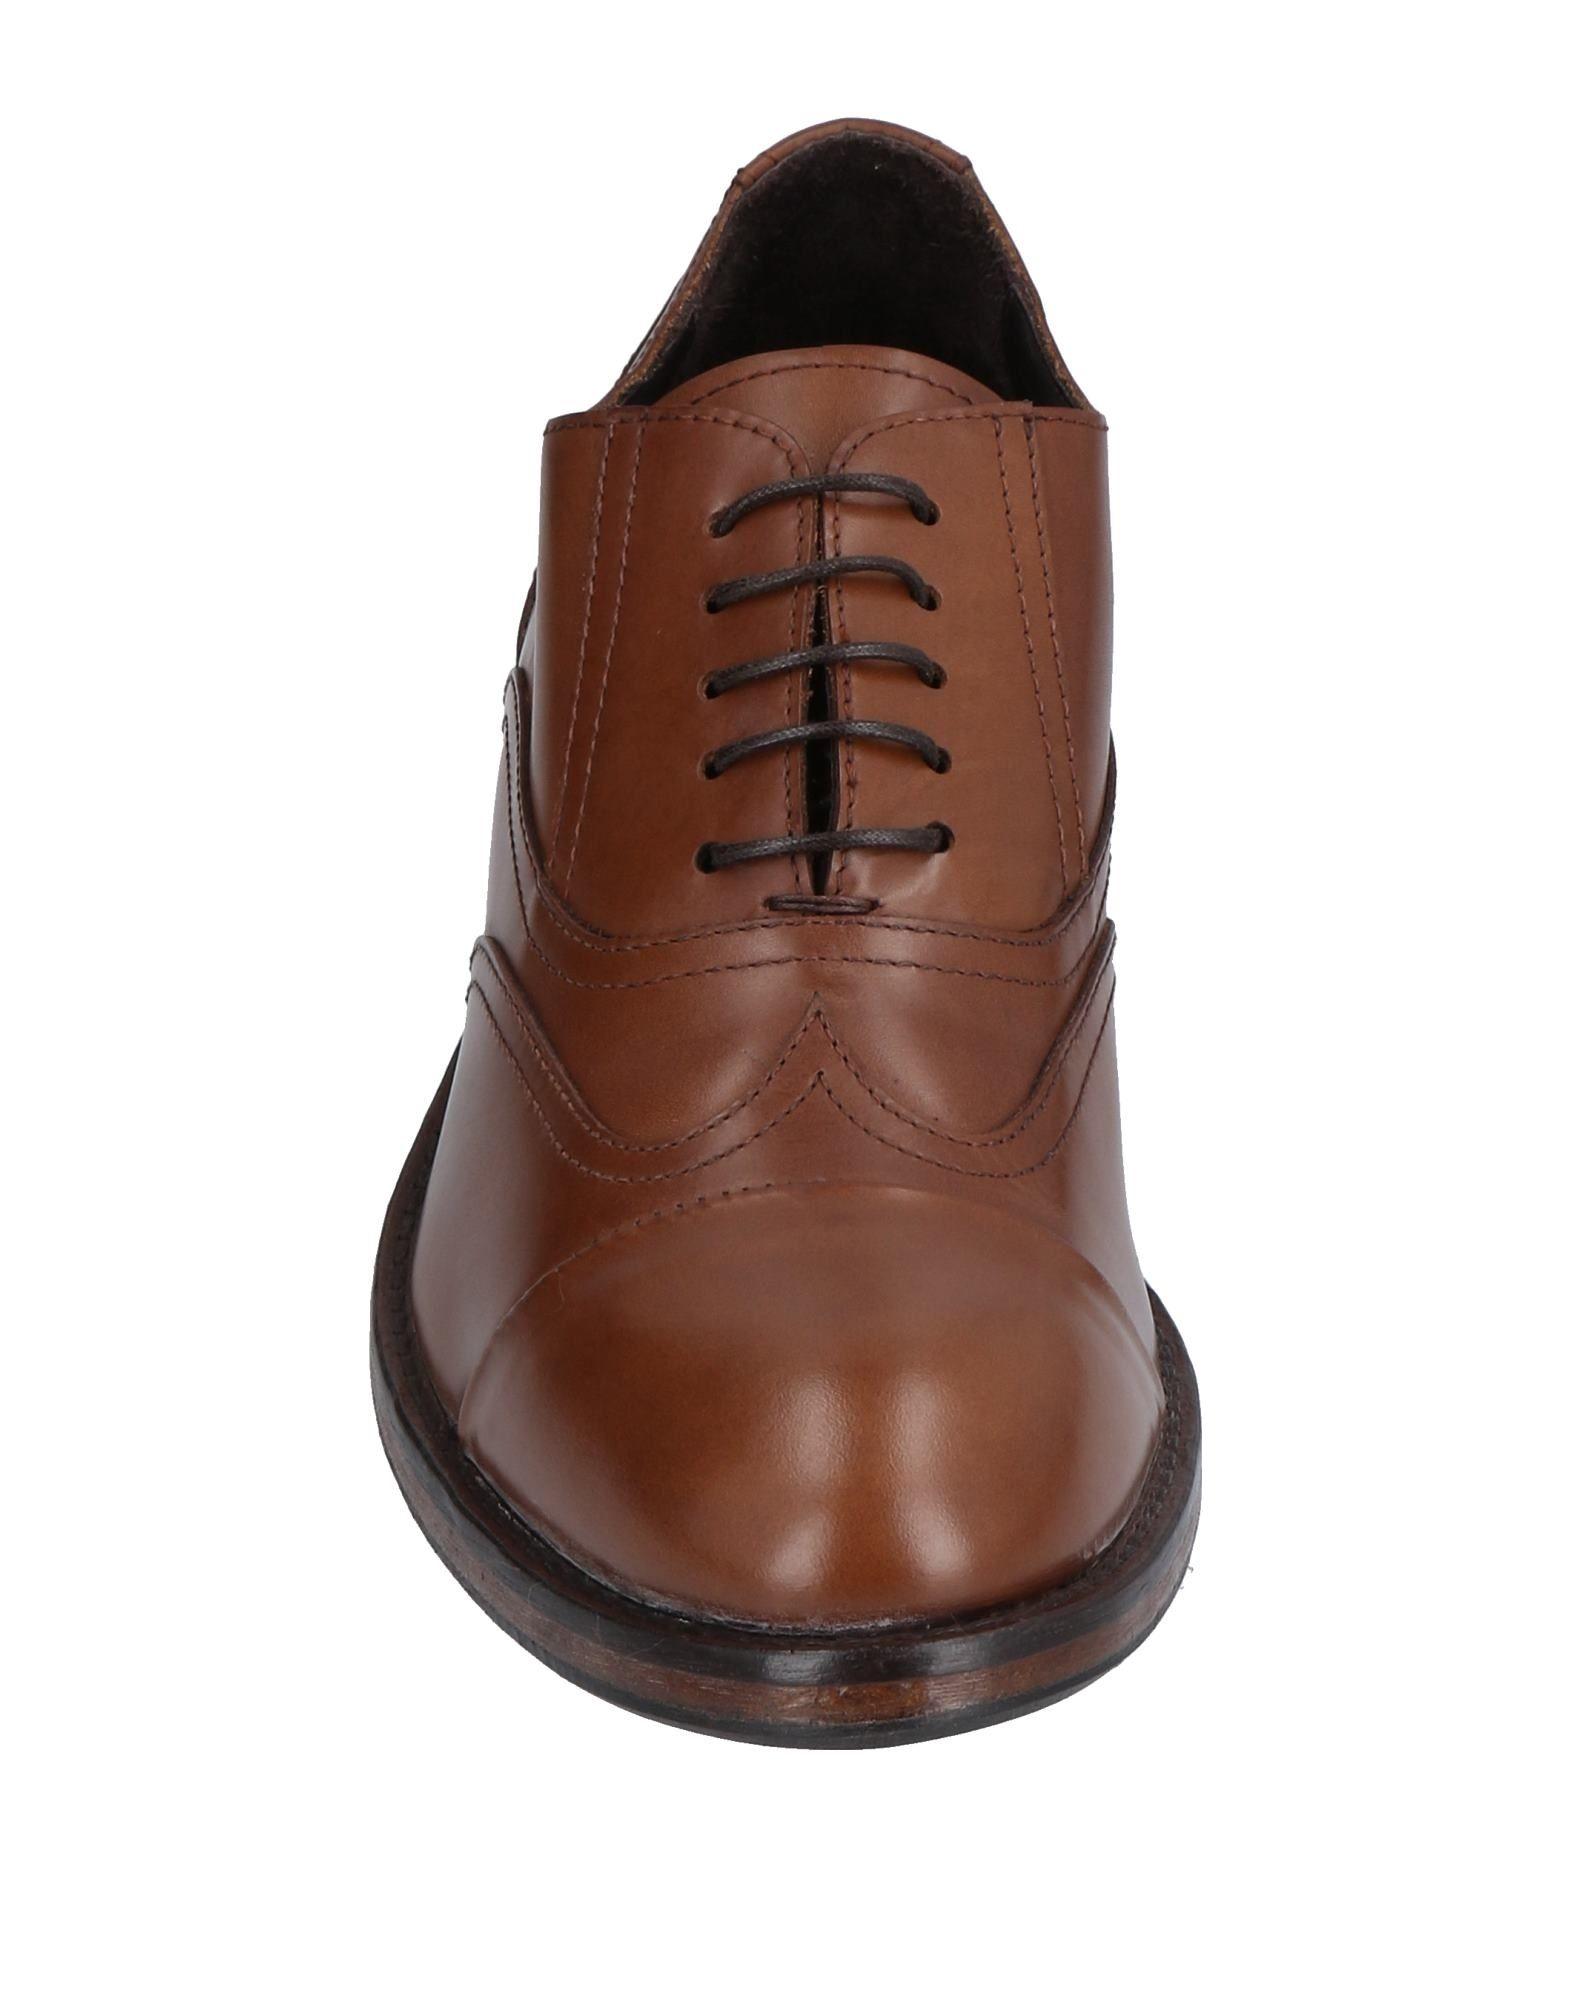 Moma Schnürschuhe Herren beliebte  11508734EC Gute Qualität beliebte Herren Schuhe 5bdfc5